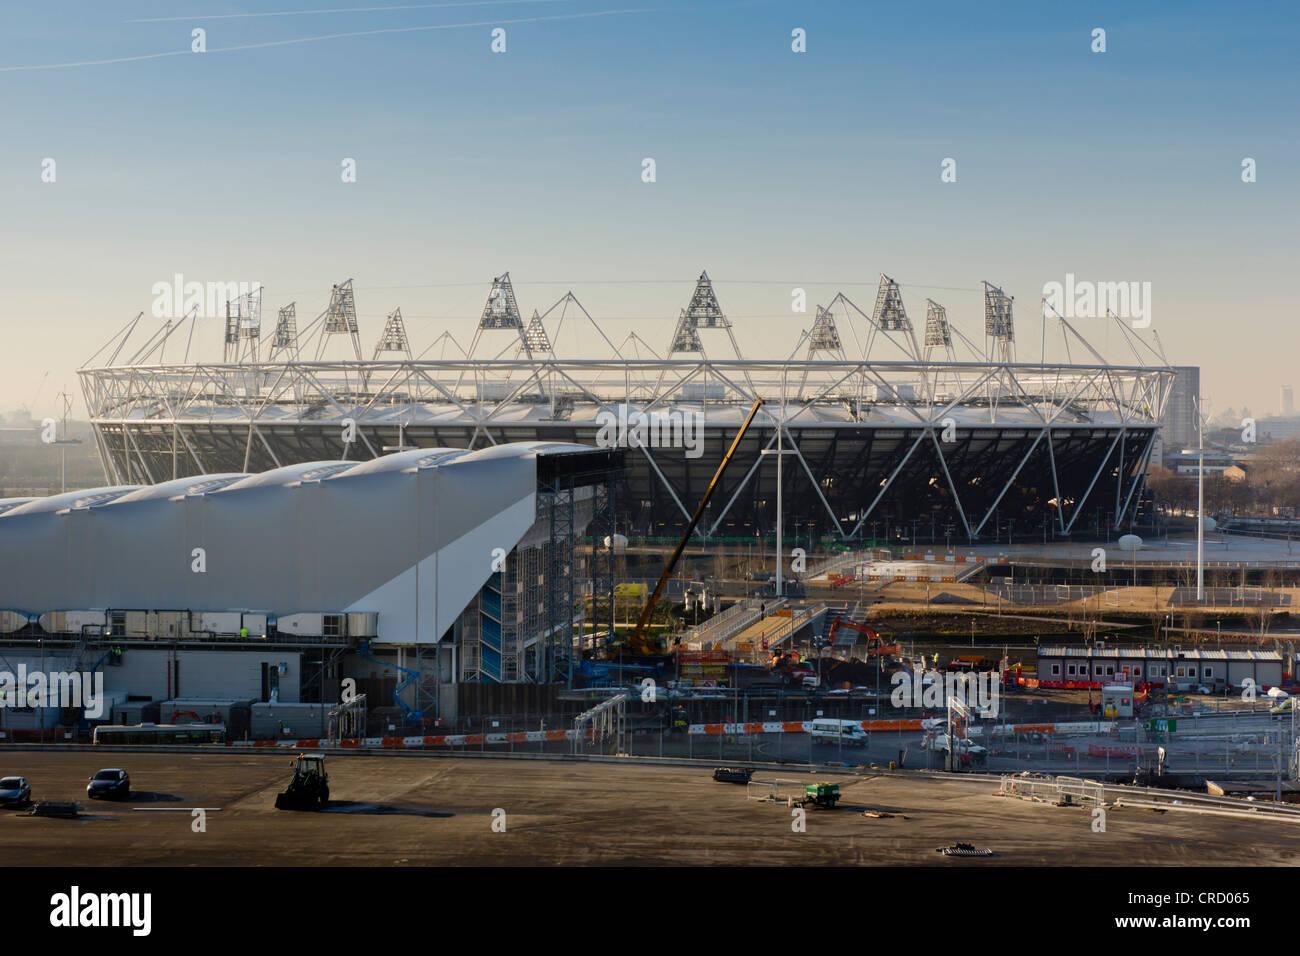 Olympic stadium, Olympic Parc, Stratford, London, England, UK, Europe Stock Photo